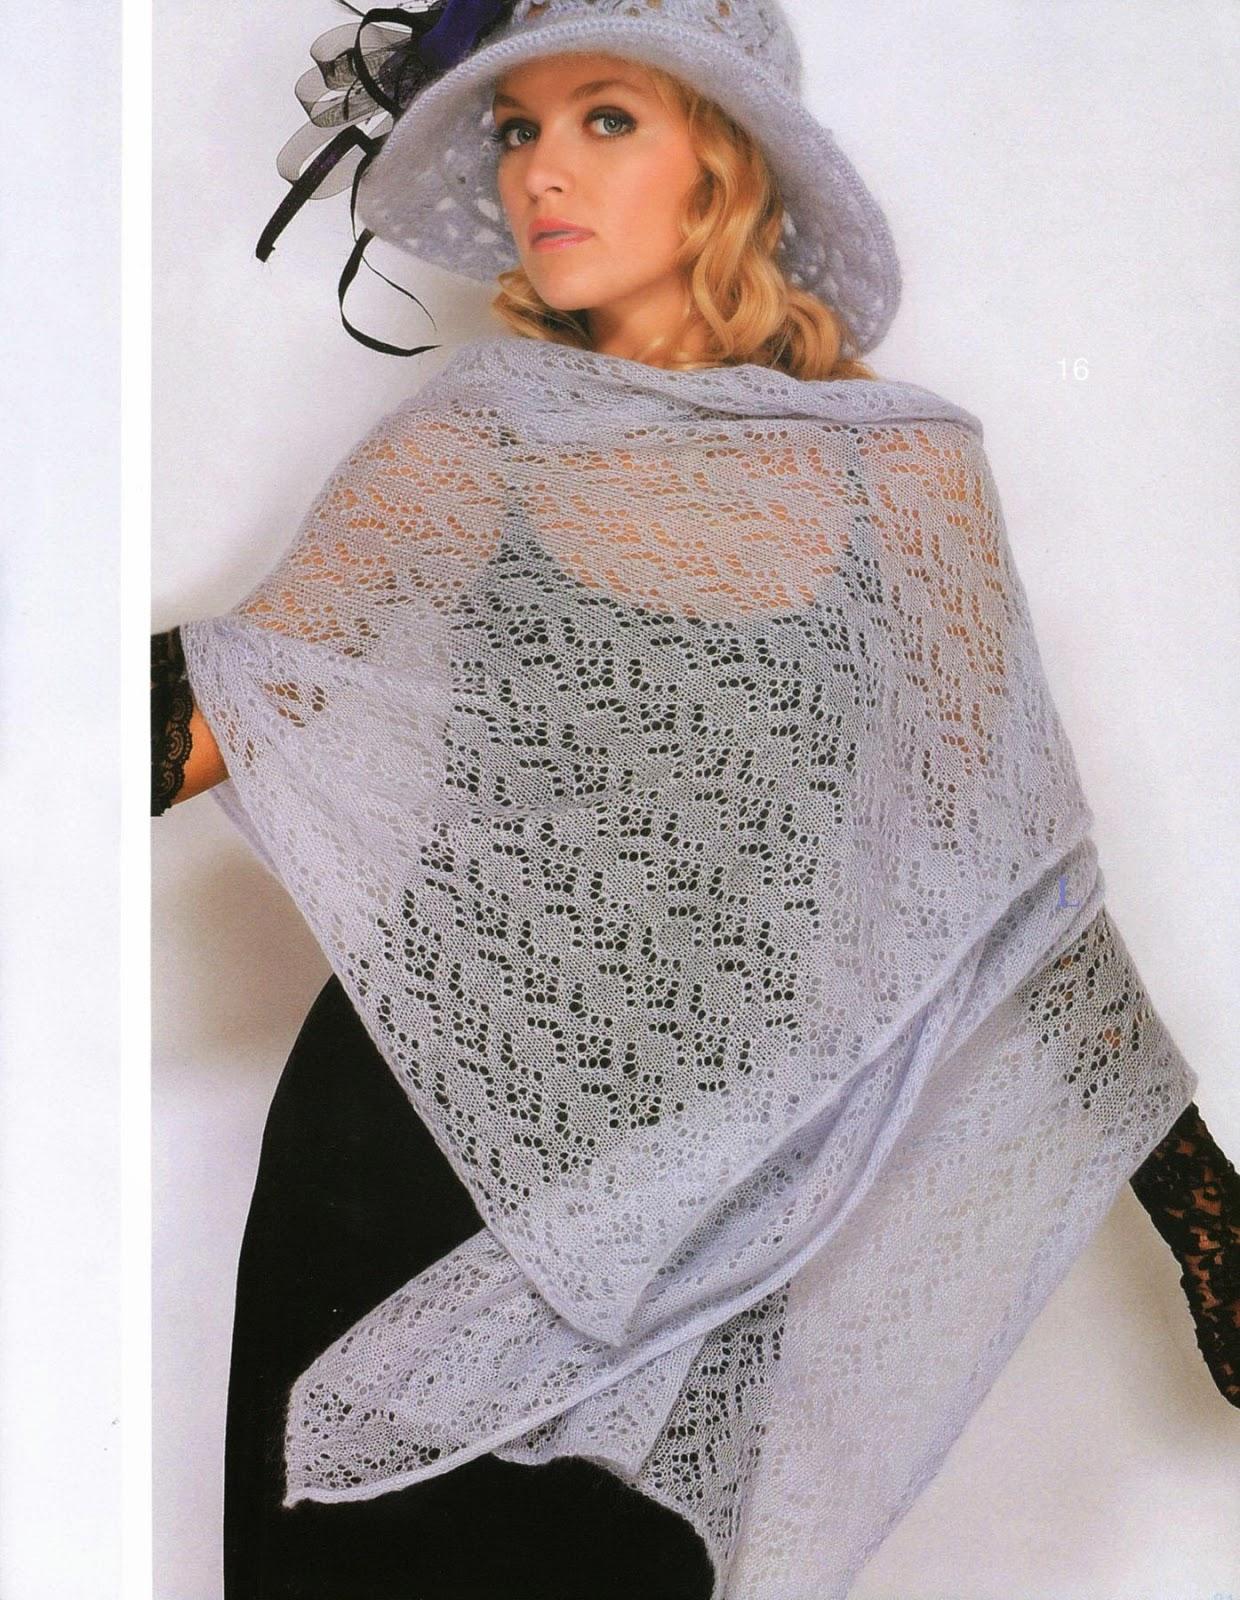 Irina: Lace Knitting. Mohair Shawl. Patterns.